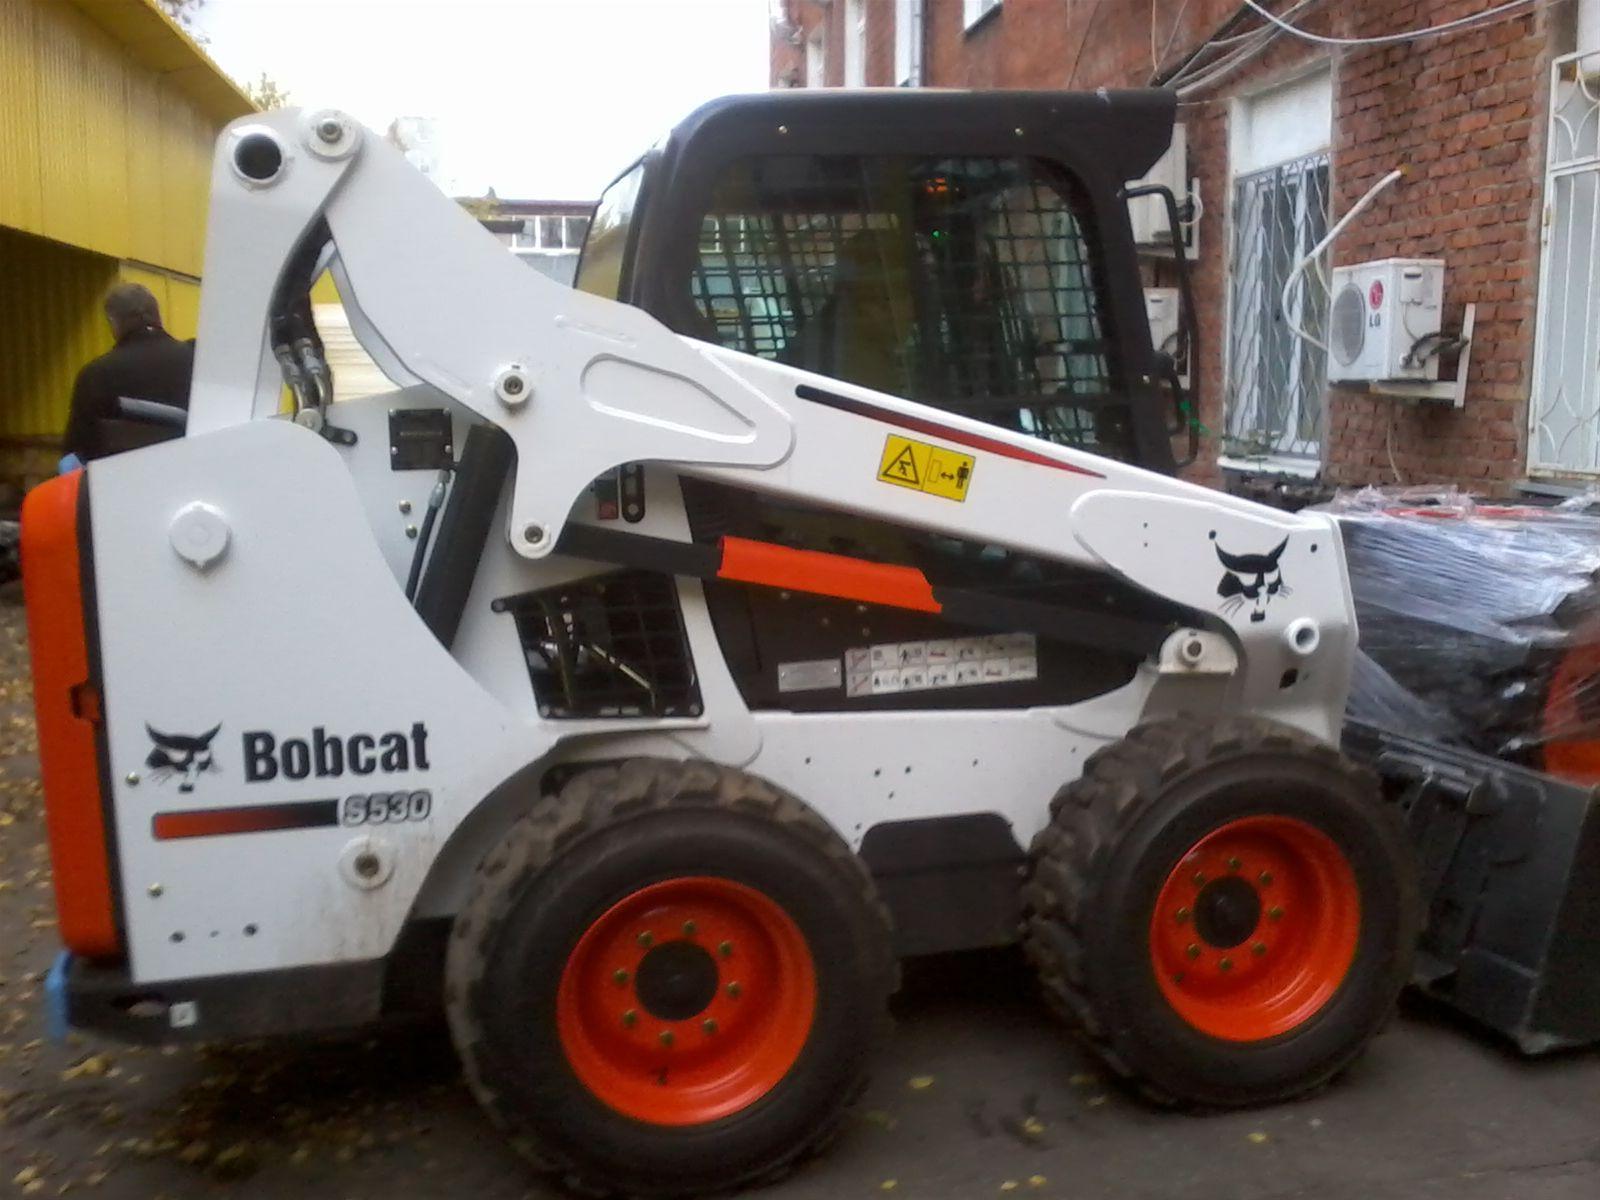 Мини погрузчик Bobcat S630HF, за 1 899 000 руб , 2013 г в